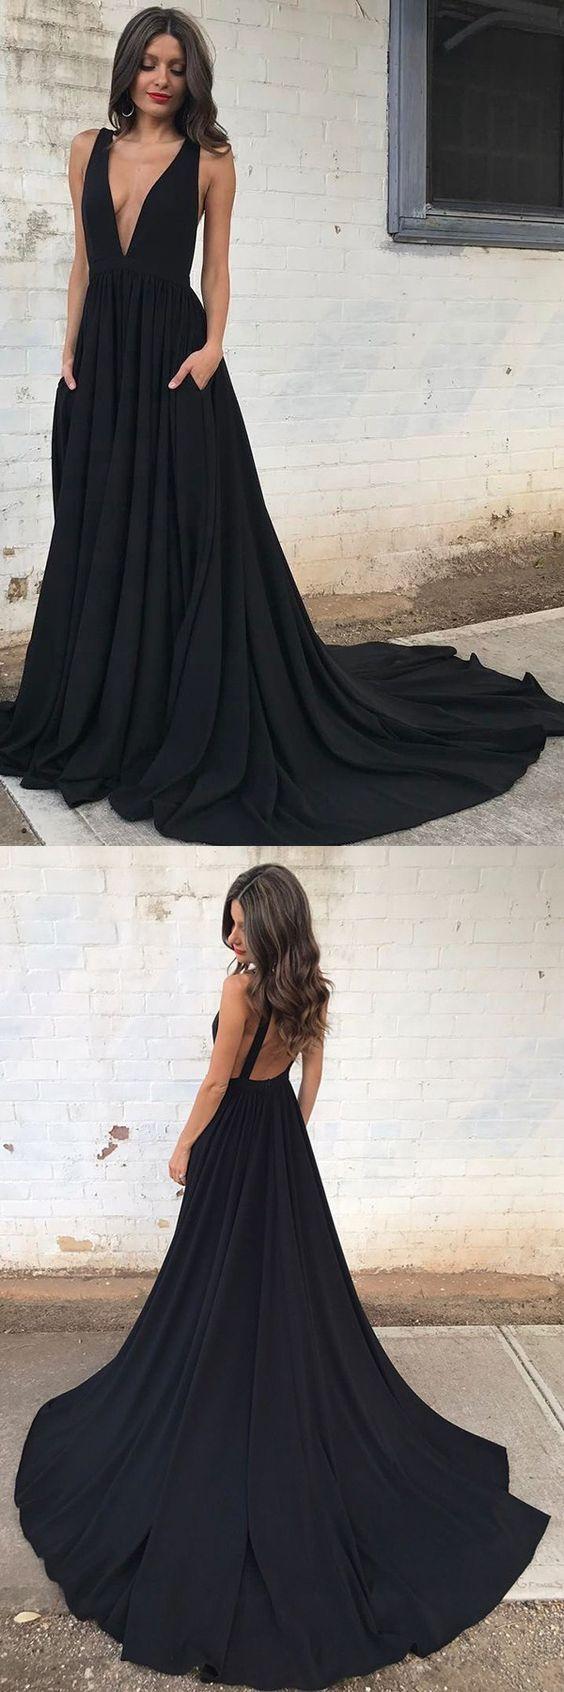 modelos vestidos dama preto